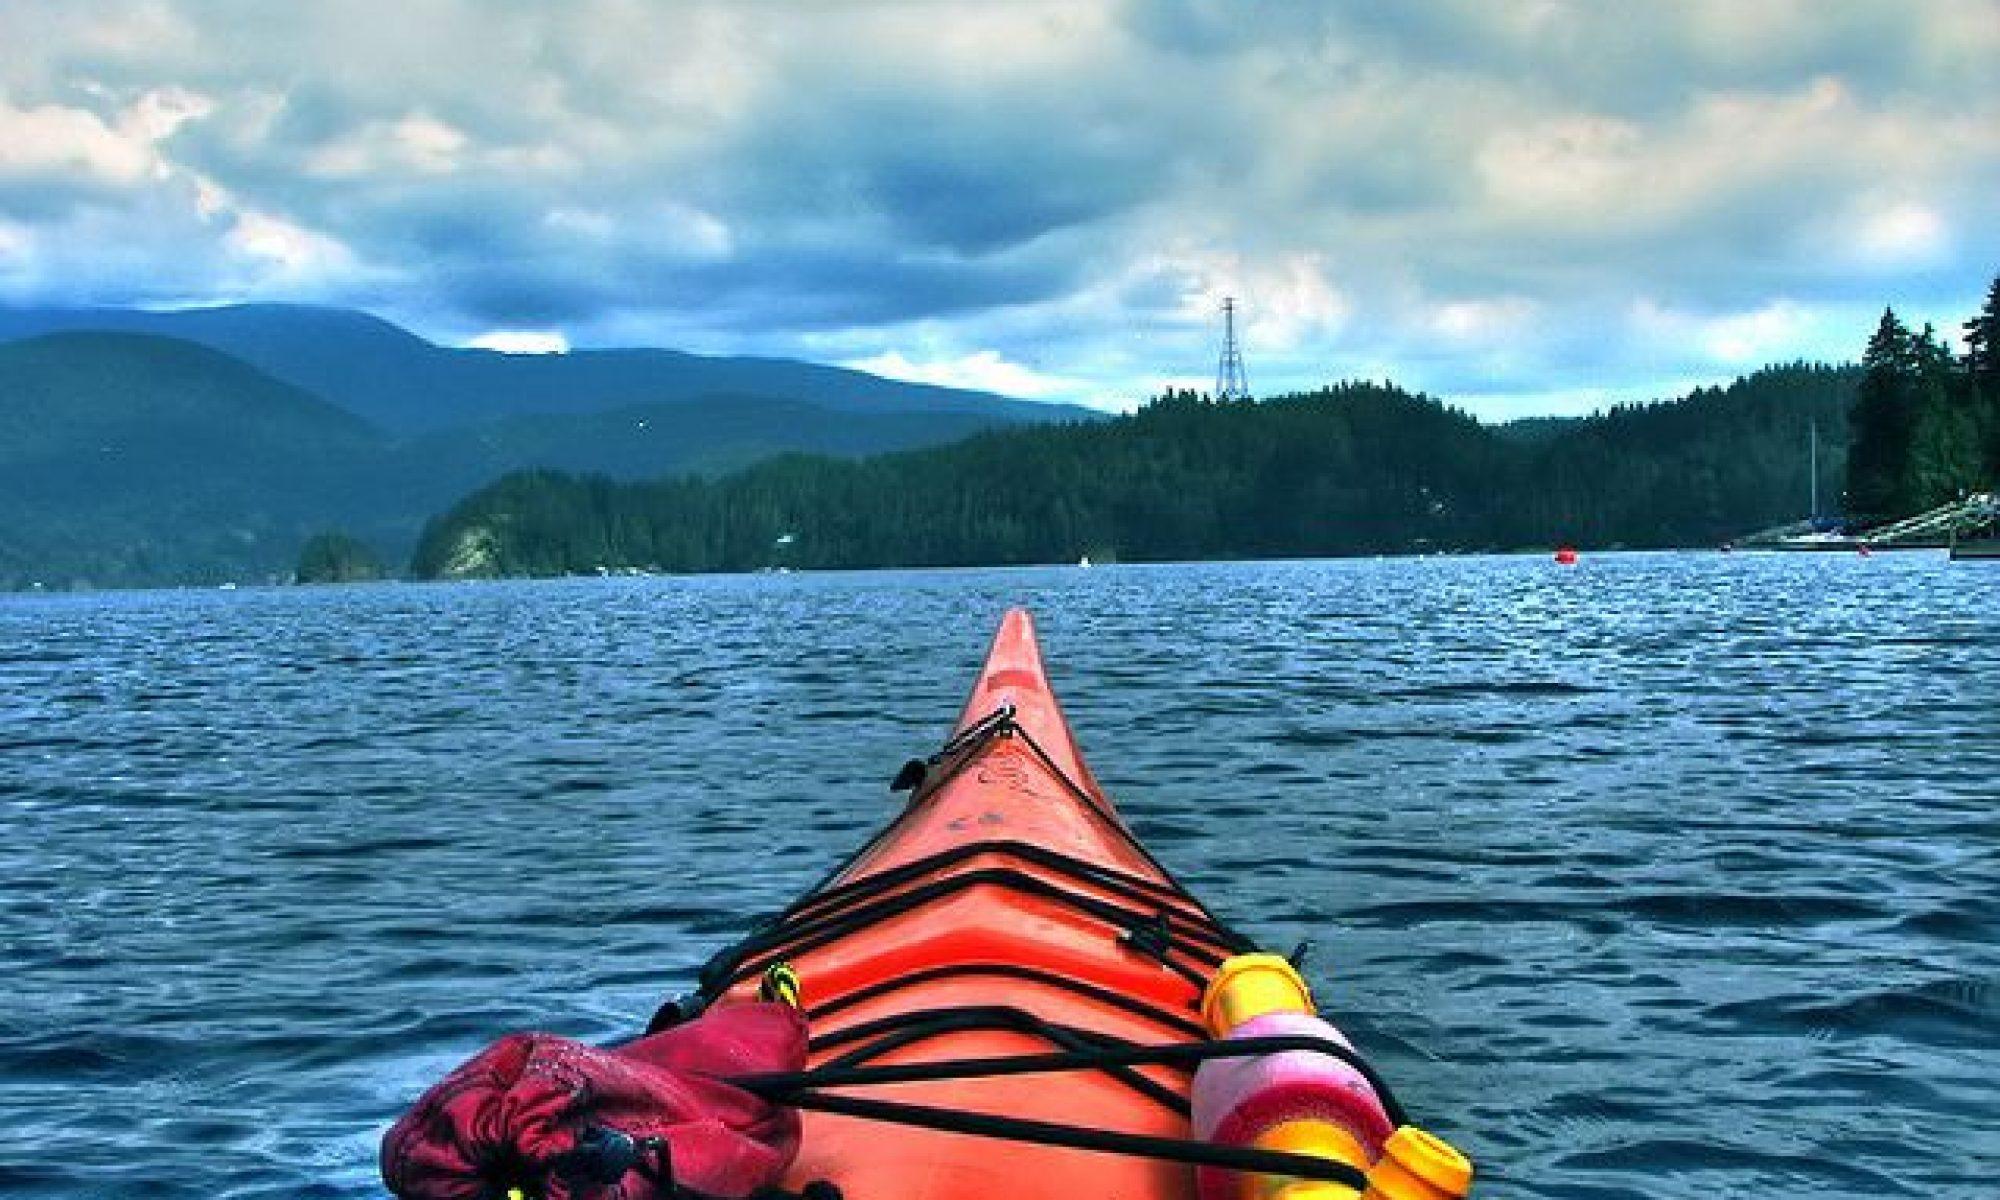 Kayak Vancouver - Kayak and Canoe Rental Vancouver